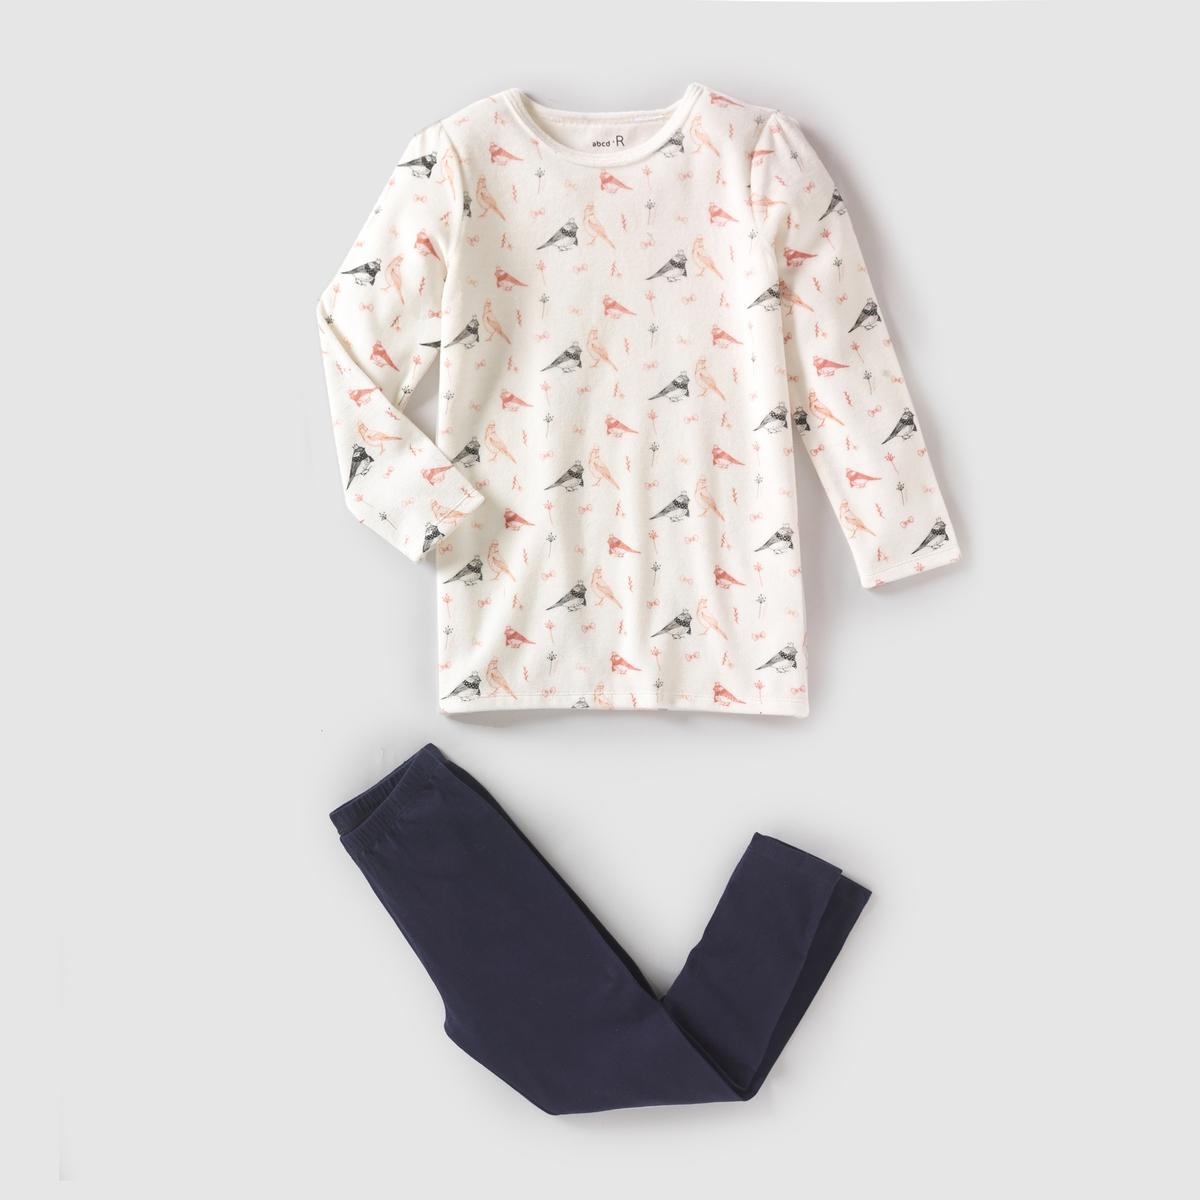 Пижама рождественская из велюра 2 - 12 летПижама с рисунком птицы из велюра ABCDR. Верх в форме туники. Длинные рукава, рисунок спереди. Брюки с эластичным поясом.                       Состав и описание :                         Материал         велюр 75% хлопка, 25% полиэстера           Марка        ABCDR                      Уход :           Машинная стирка при 30 °C с вещами схожих цветов.           Стирать и гладить с изнаночной стороны.           Машинная сушка в обычном режиме.           Гладить при умеренной температуре.<br><br>Цвет: экрю